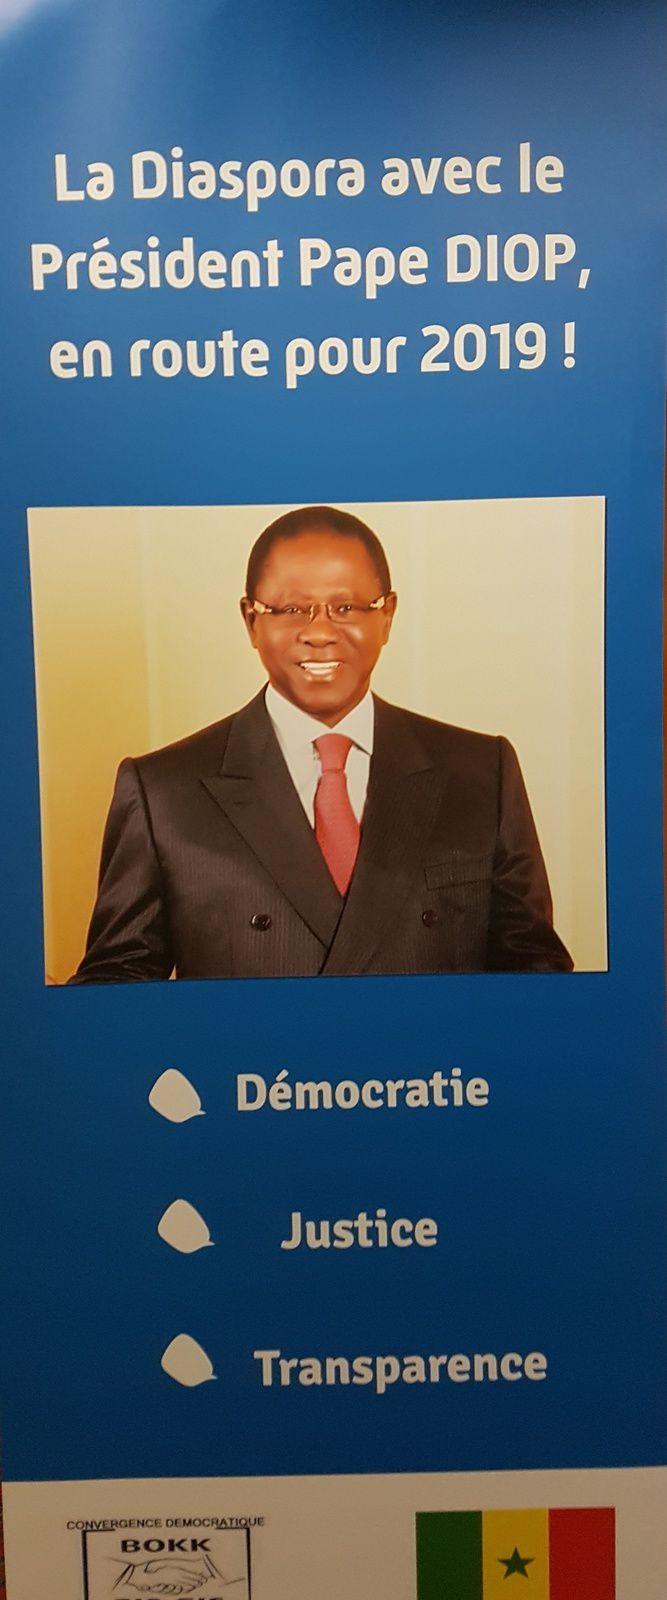 «Pape DIOP, de Convergence démocratique, confirme sa candidature aux présidentielles et divise encore plus l'opposition», par M. Amadou Bal BA - http://baamadou.over-blog.fr/